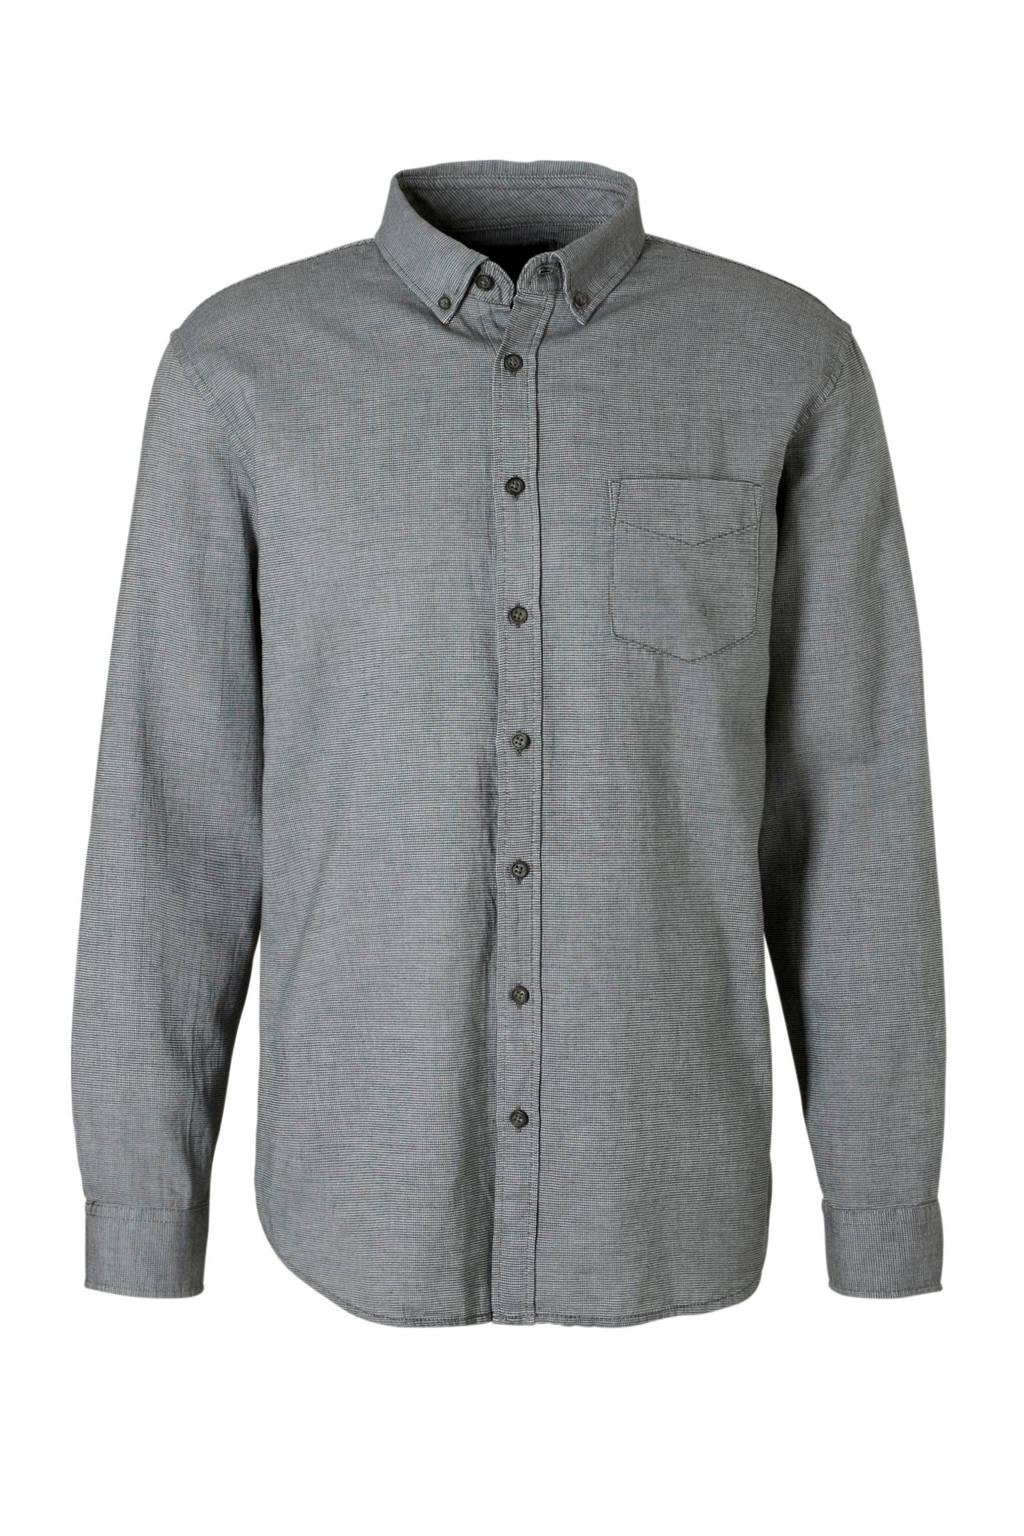 C&A Canda regular fit overhemd grijs, Grijs